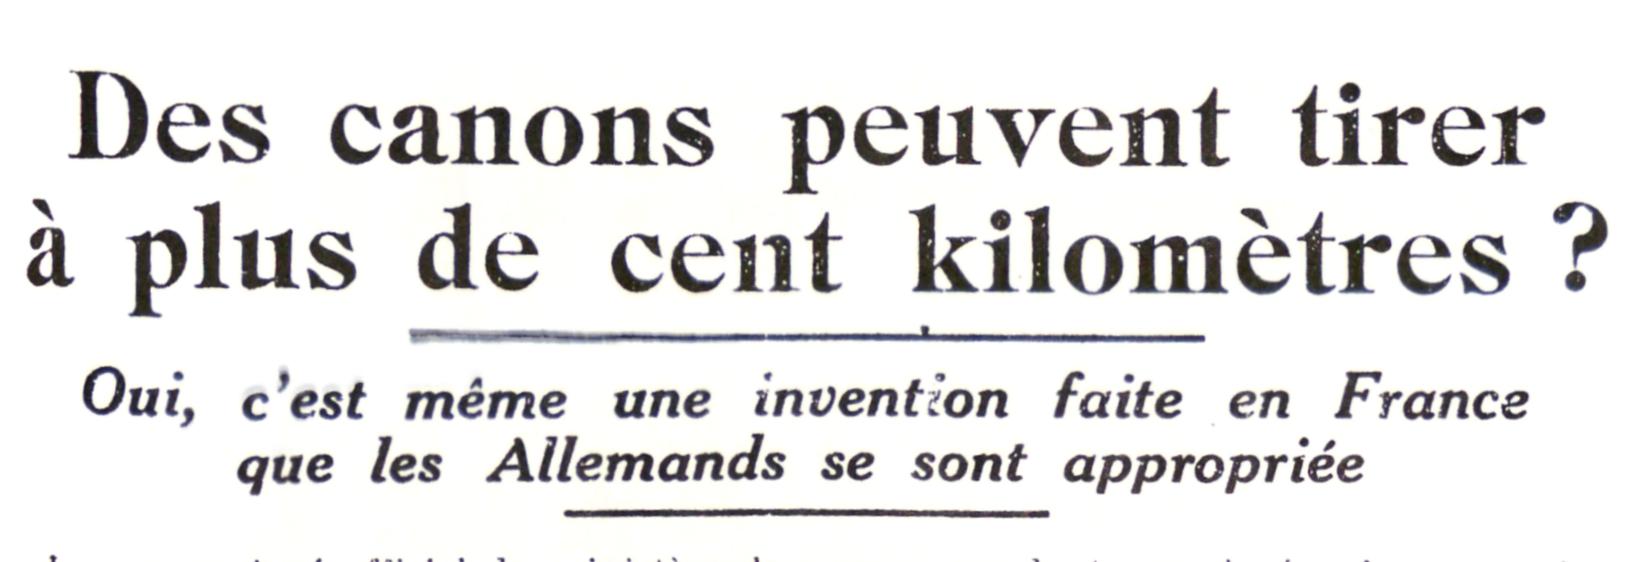 23 mars 1918 : Paris bombardé